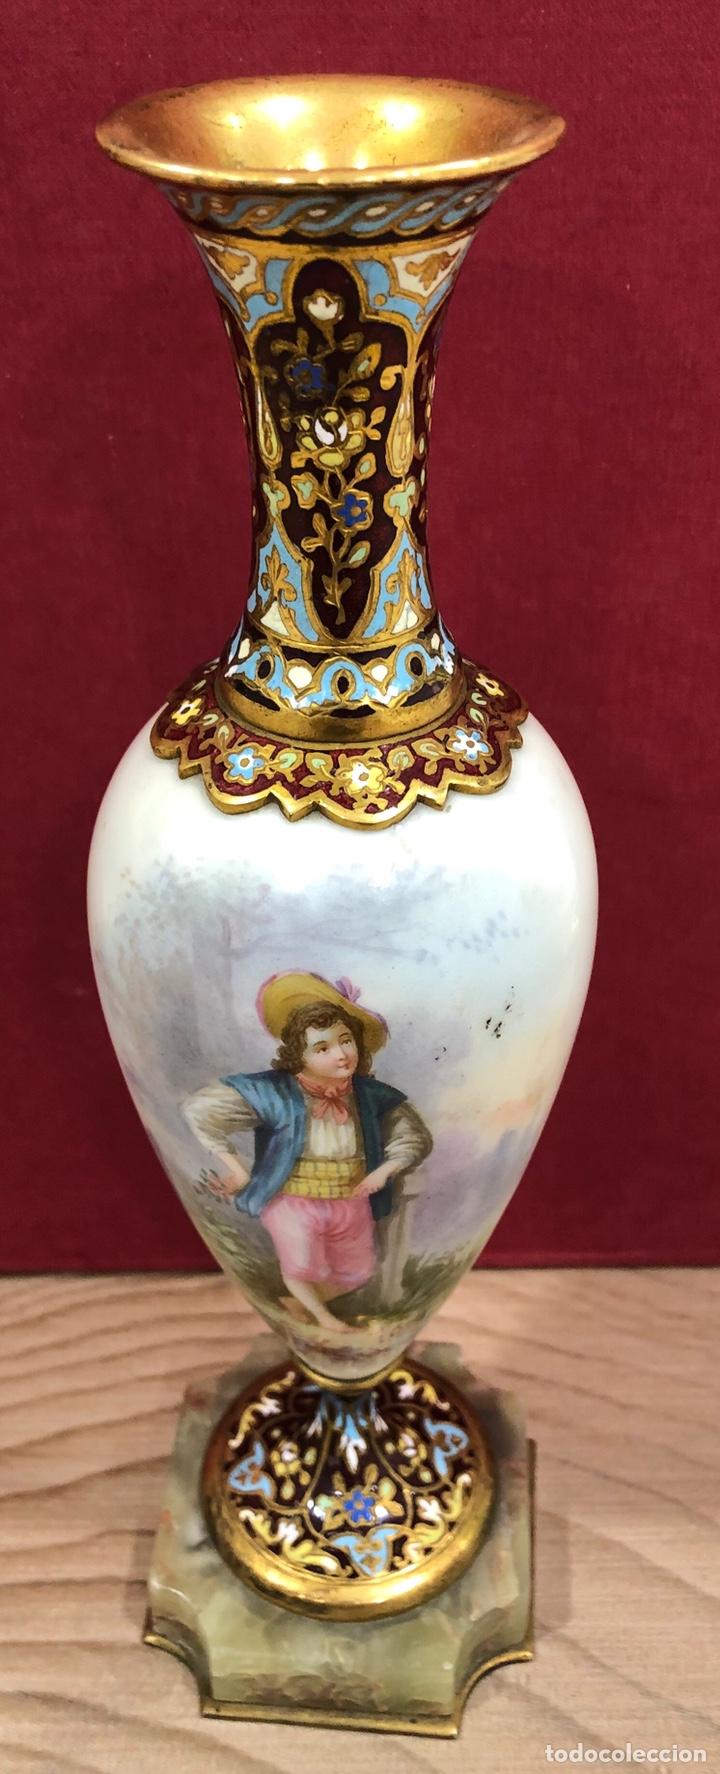 Antigüedades: Precioso Jarron de porcelana de Sevres, y cloissone. Napoleon III - Foto 3 - 218828713